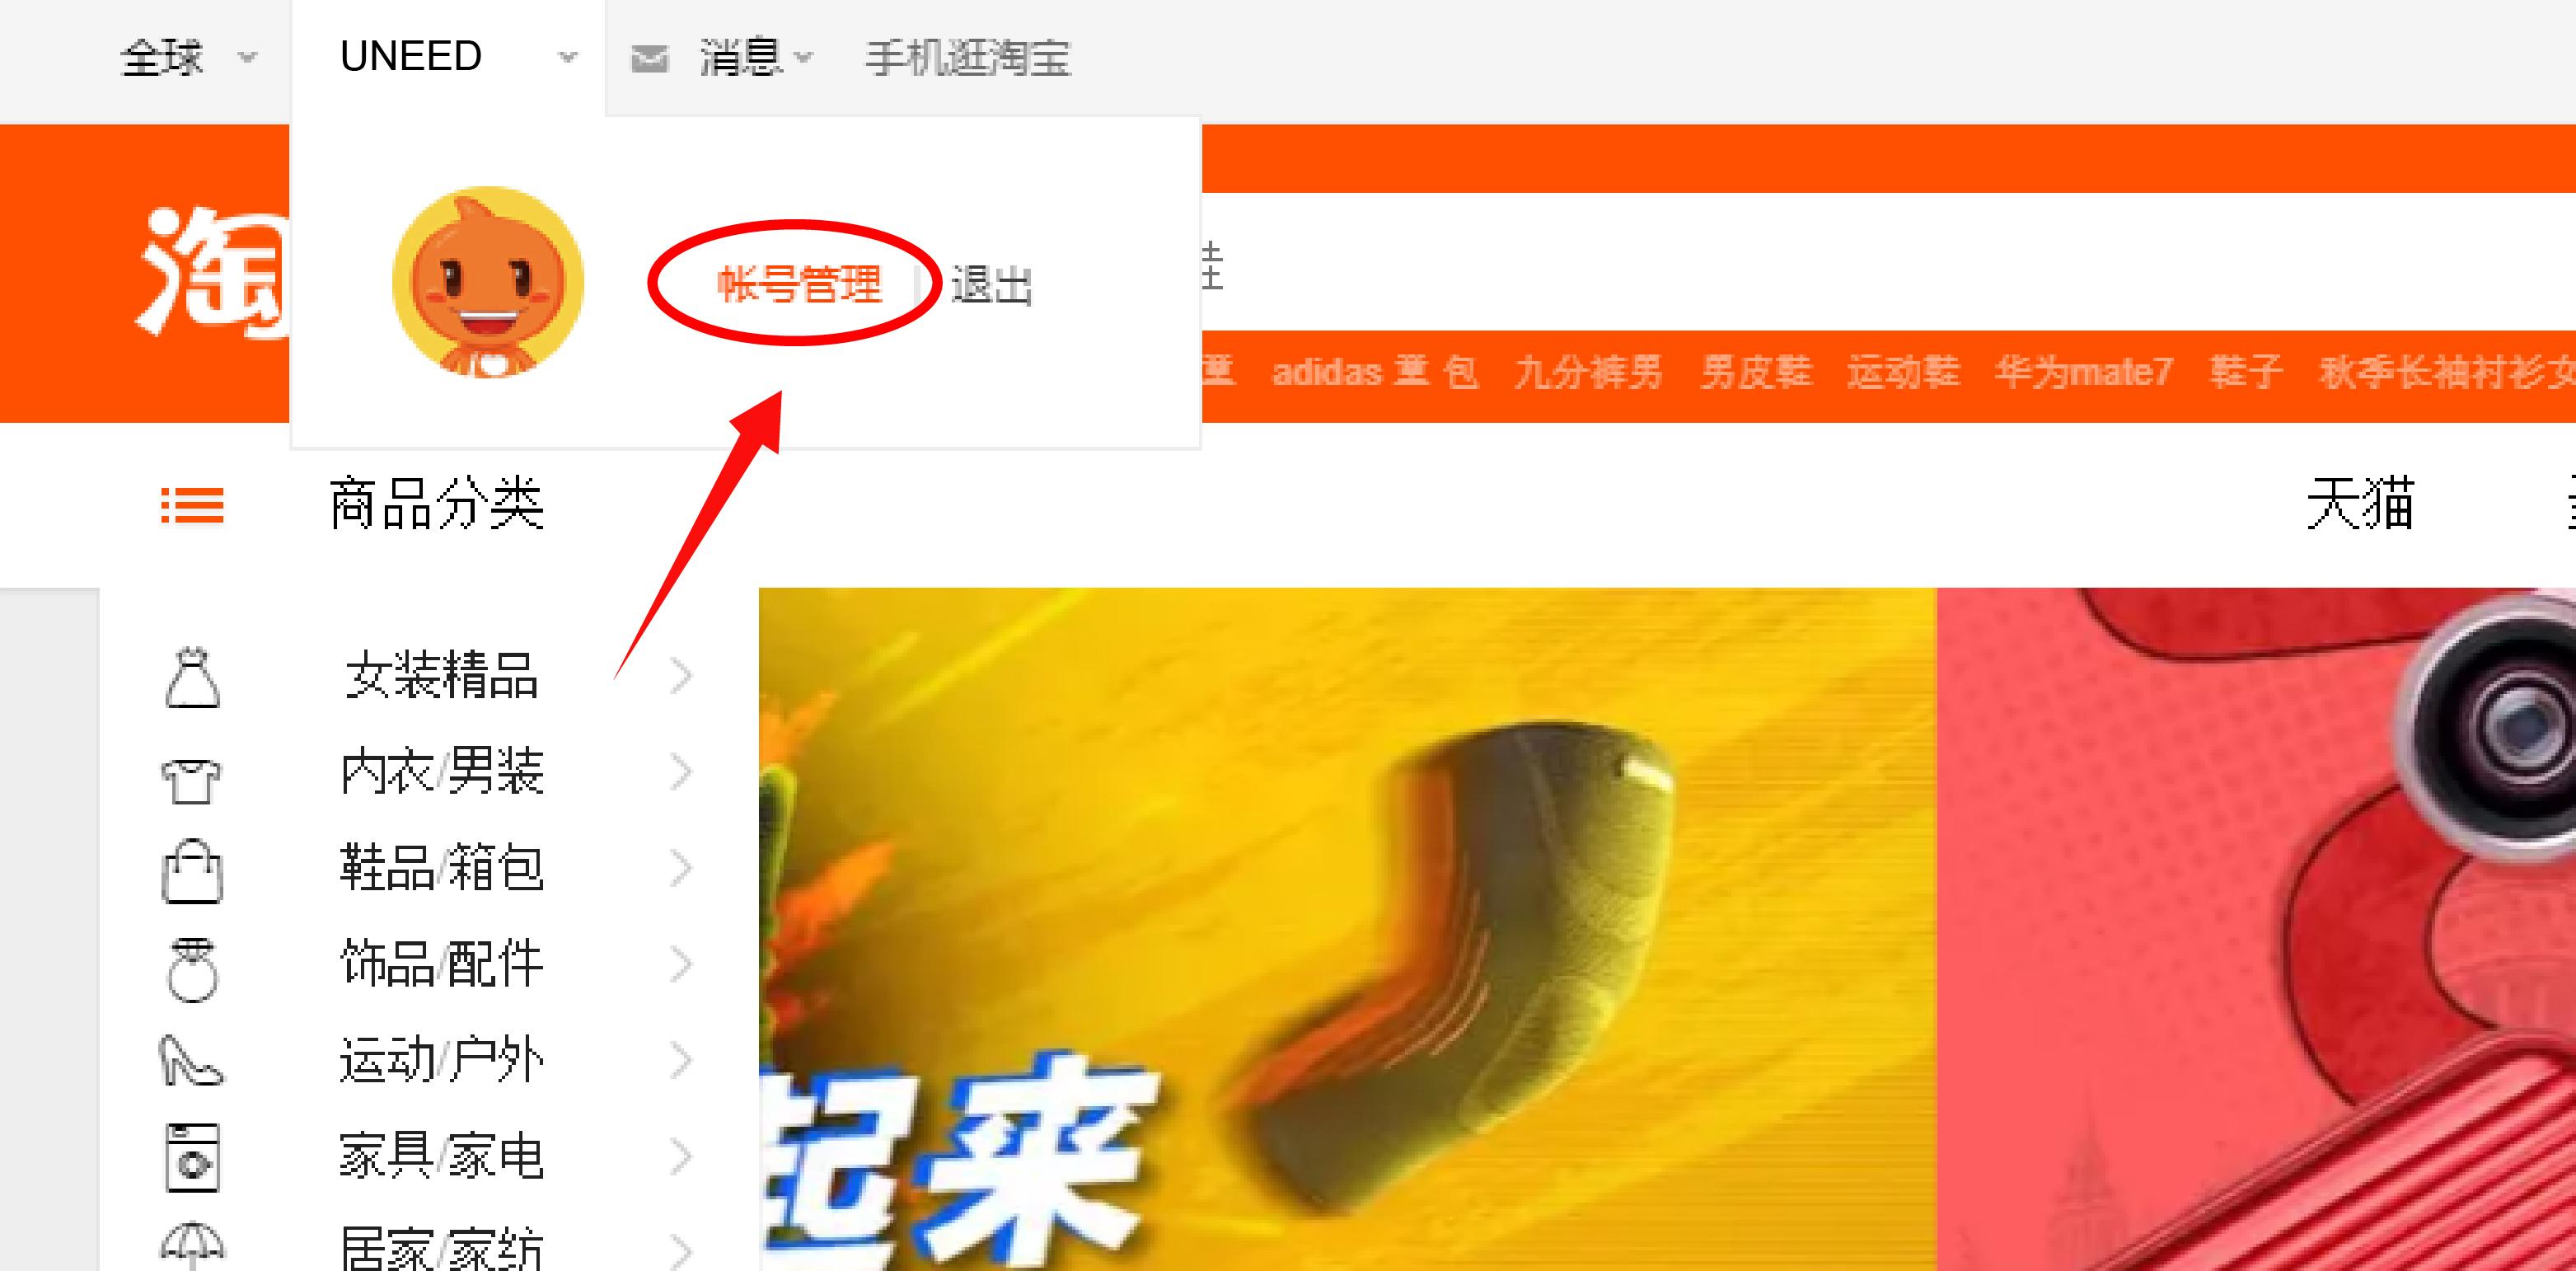 วิธีตั้งค่าที่อยู่โกดังจีน ในเว็บ taobao